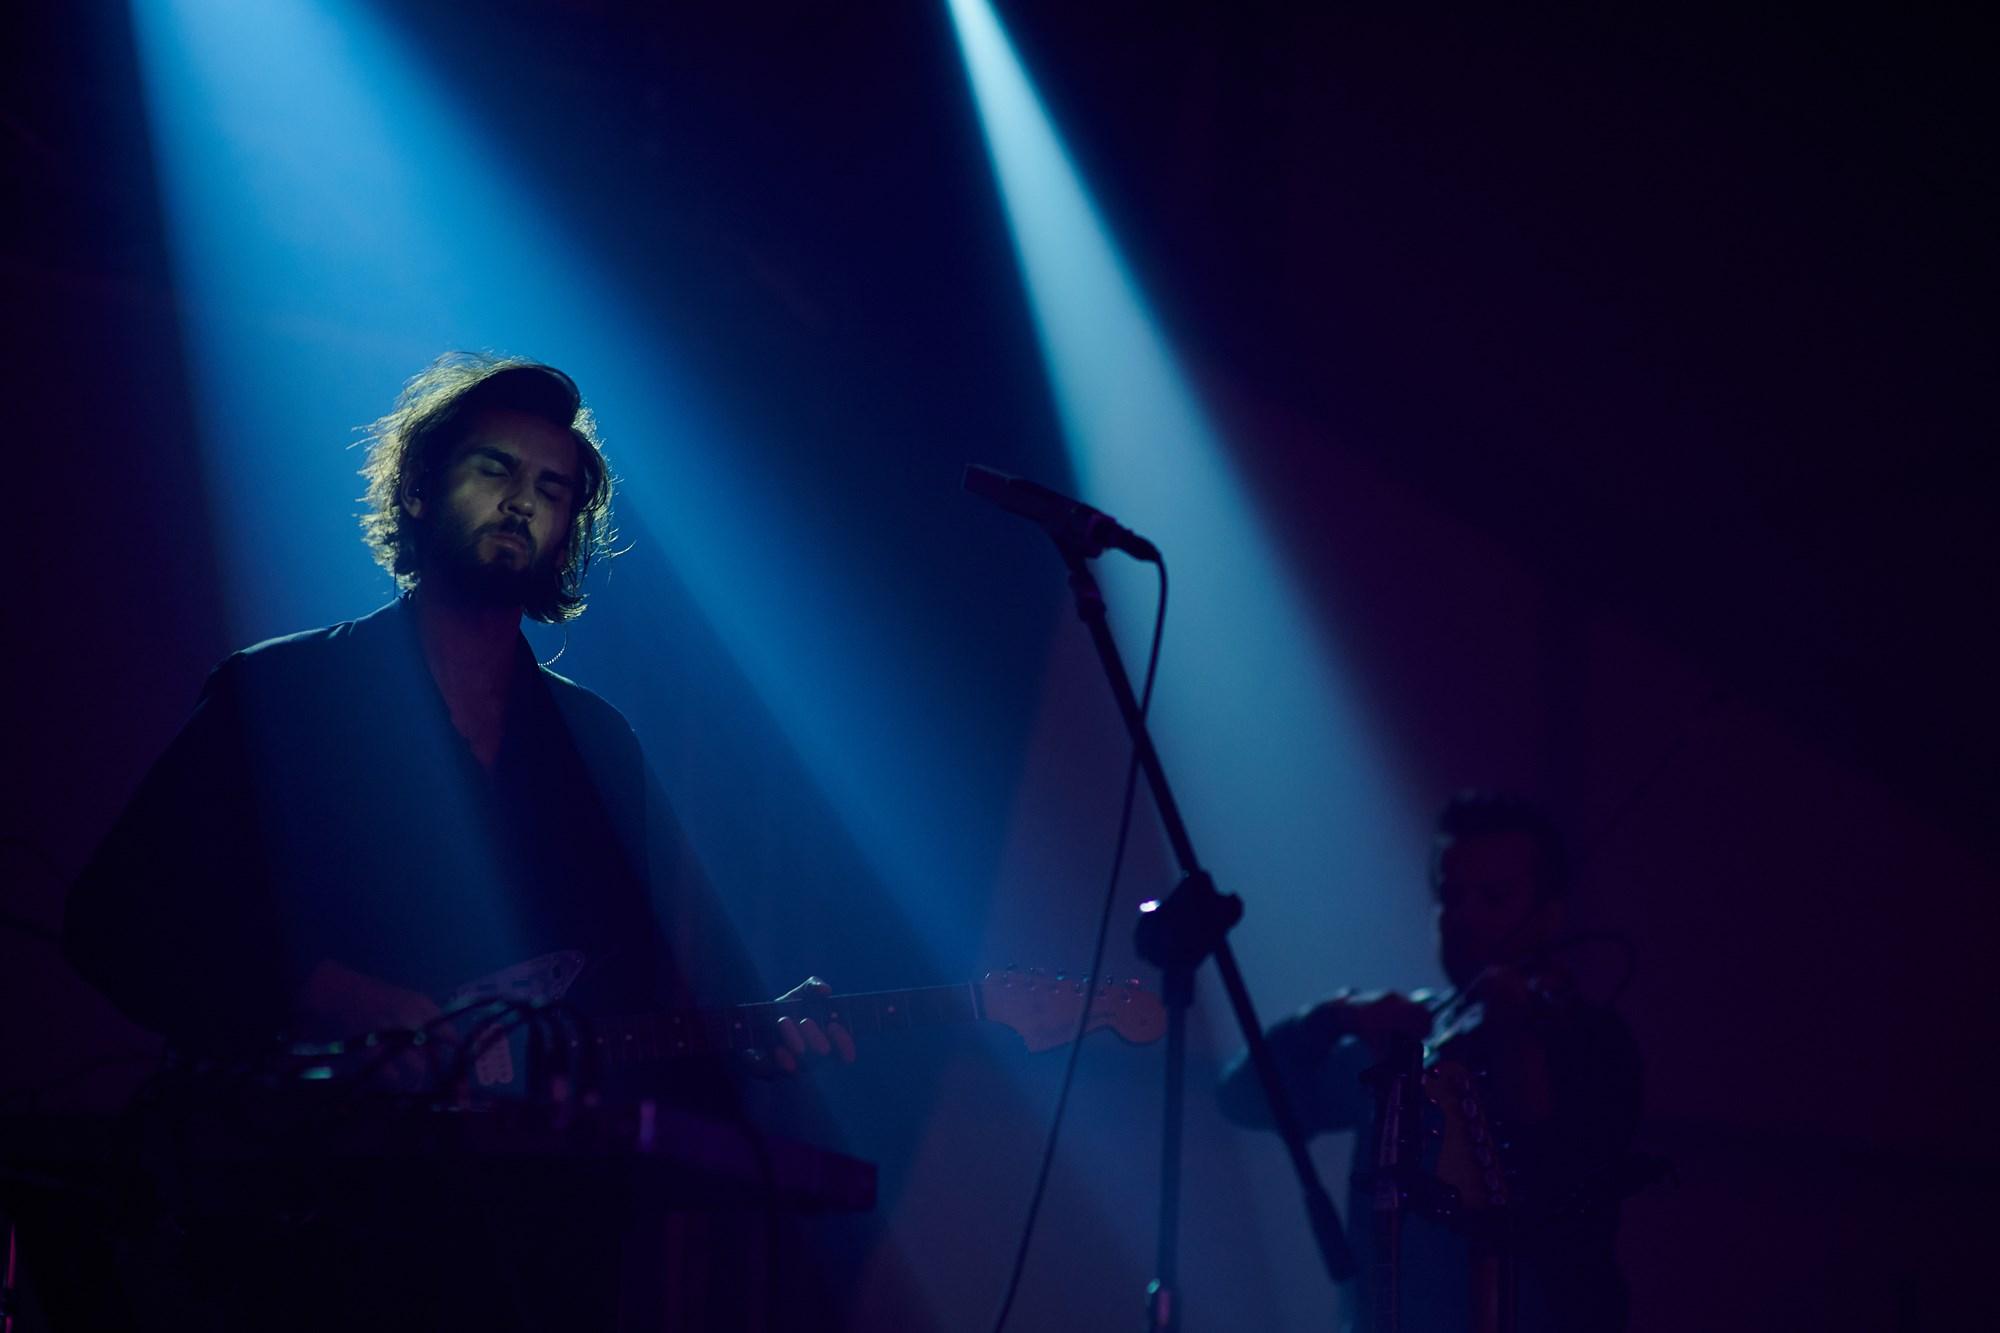 [Zdjęcie z koncertu Daniela Spaleniaka. Na pierwszym planie mężczyzna grający na gitarze. Na drugim planie mężczyzna grający na skrzypcach.]